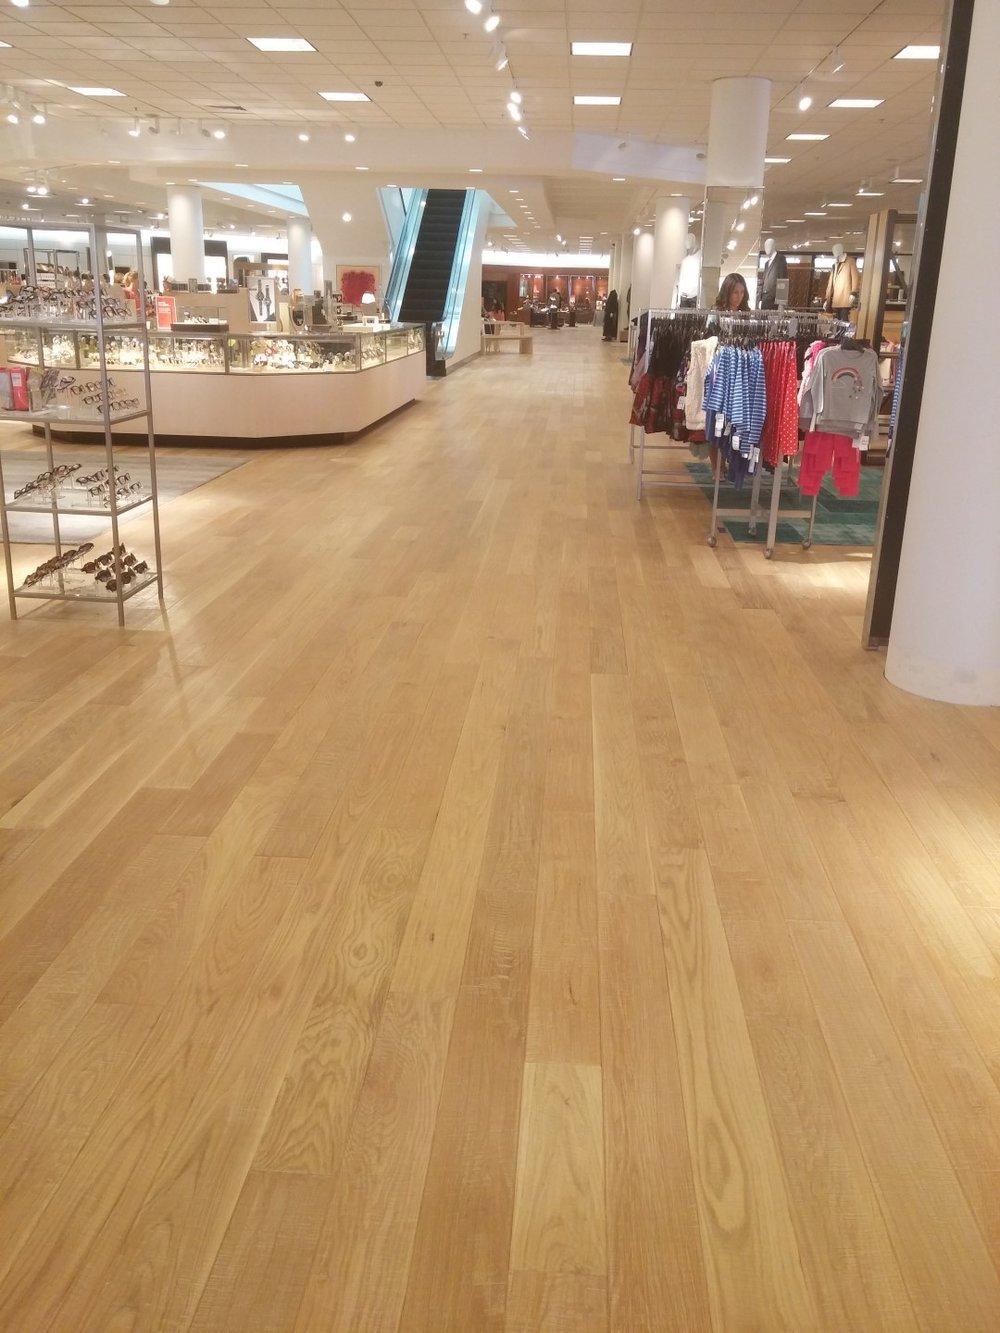 Major Retail-0002 (Large).jpg